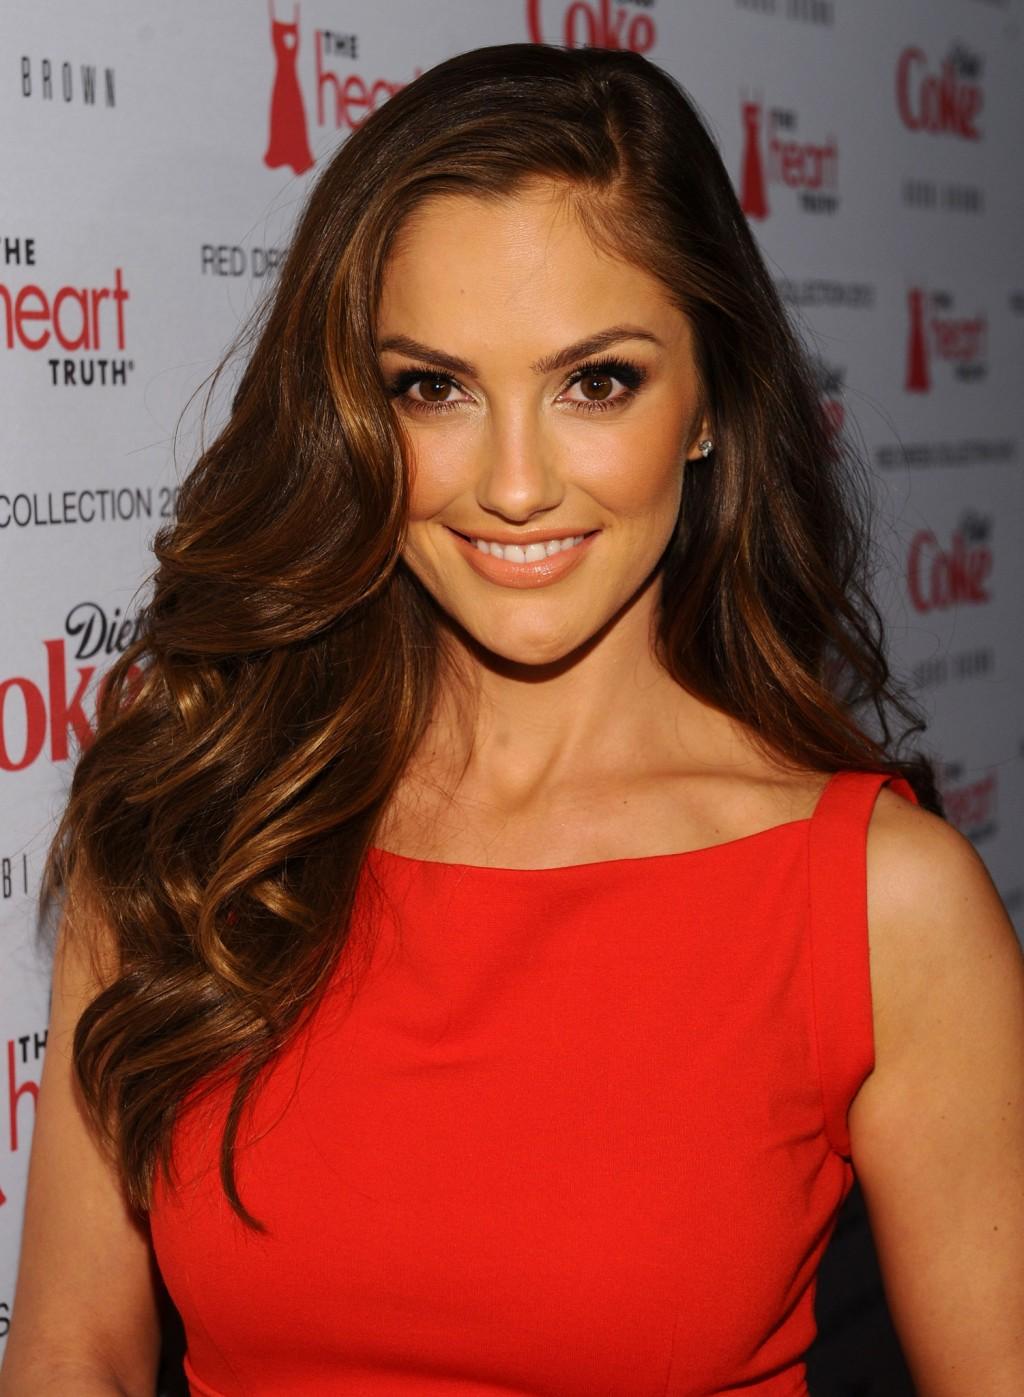 Фото на тему: Посоветуйте макияж под красное платье для русых